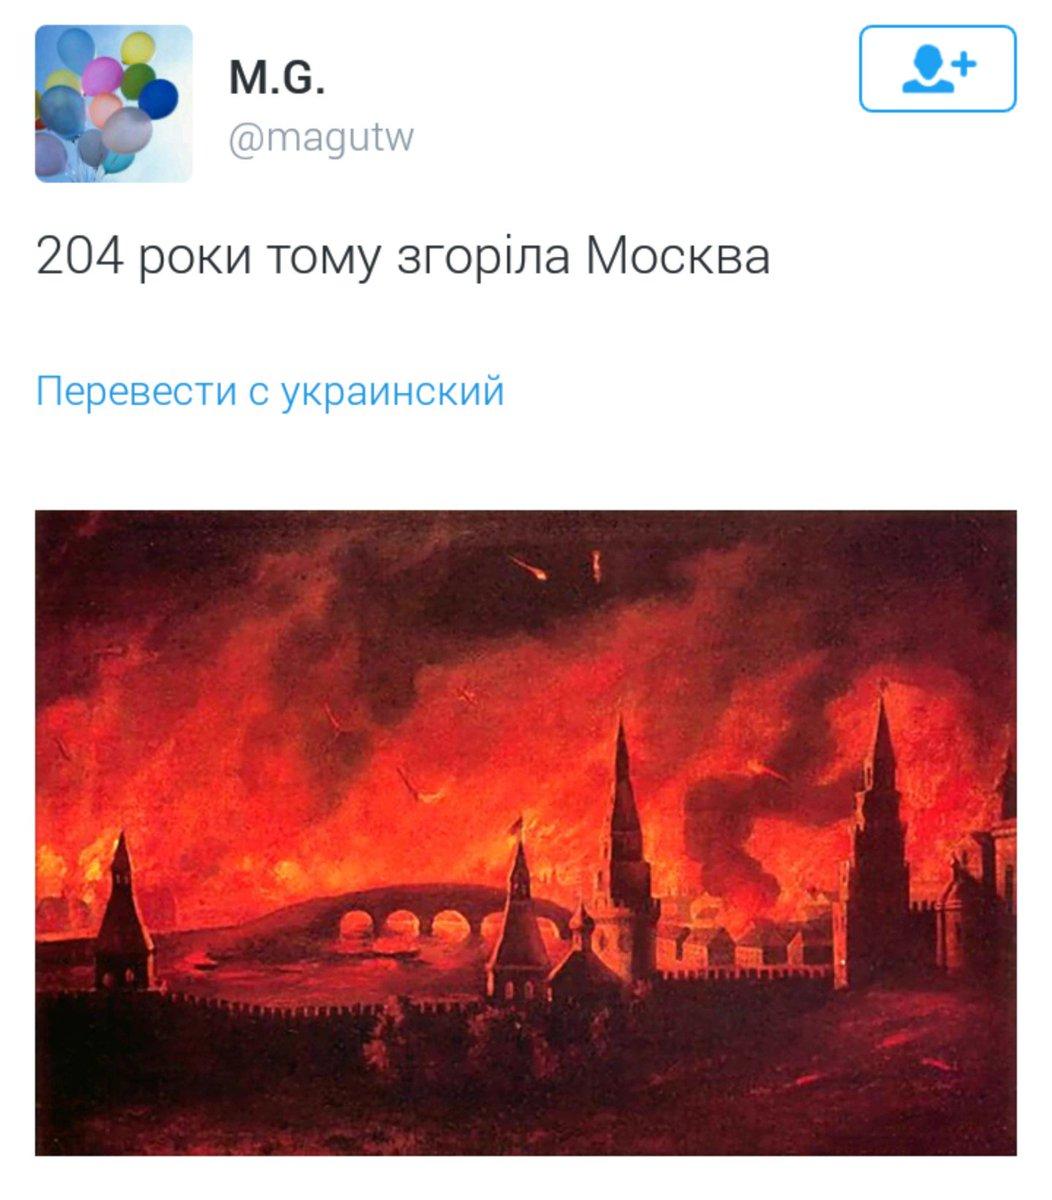 Новой жертвой агрессии Кремля может стать Молдова, - Wall Street Journal - Цензор.НЕТ 5313